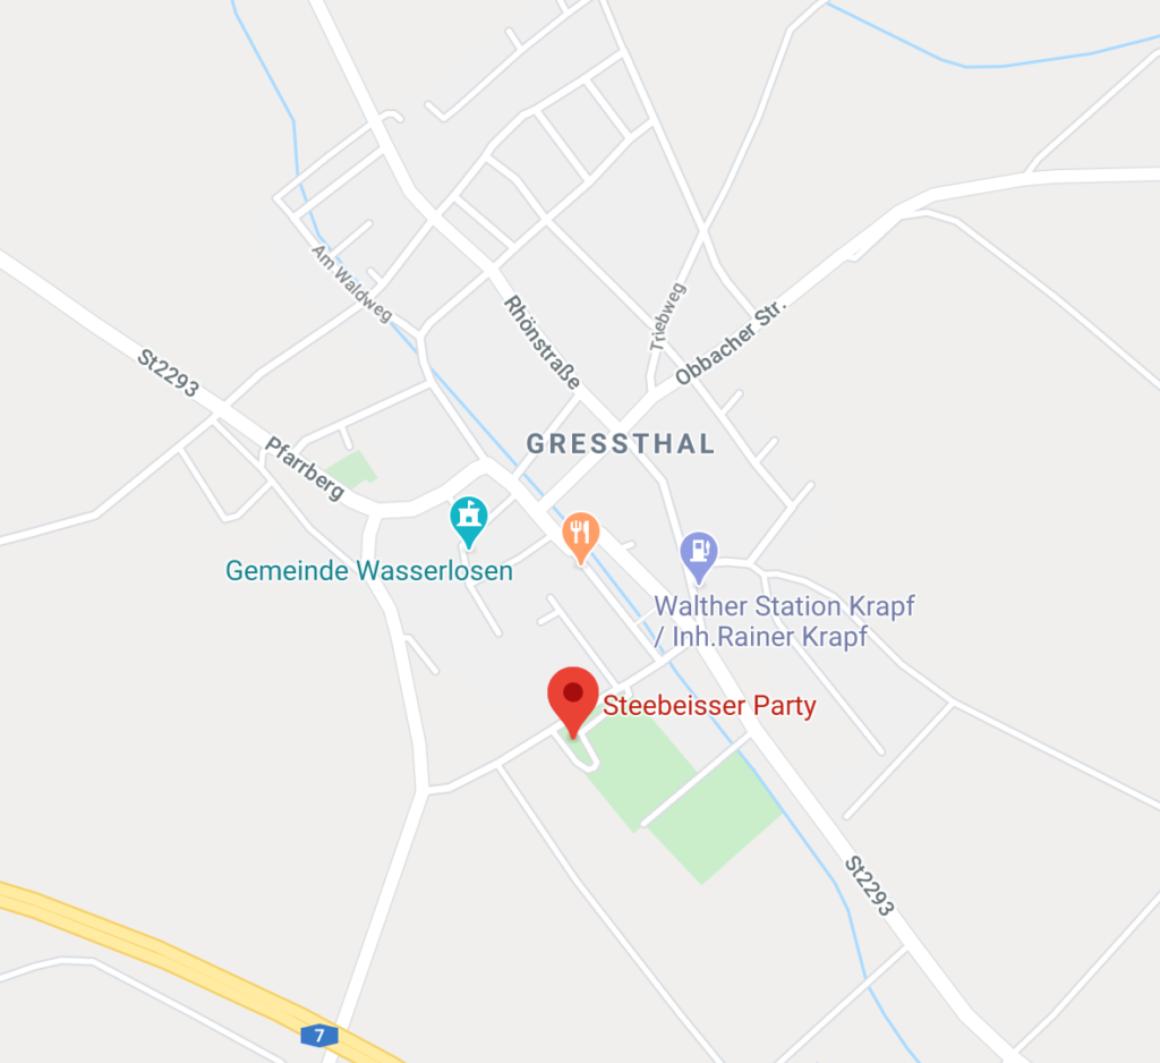 Steebeisser location